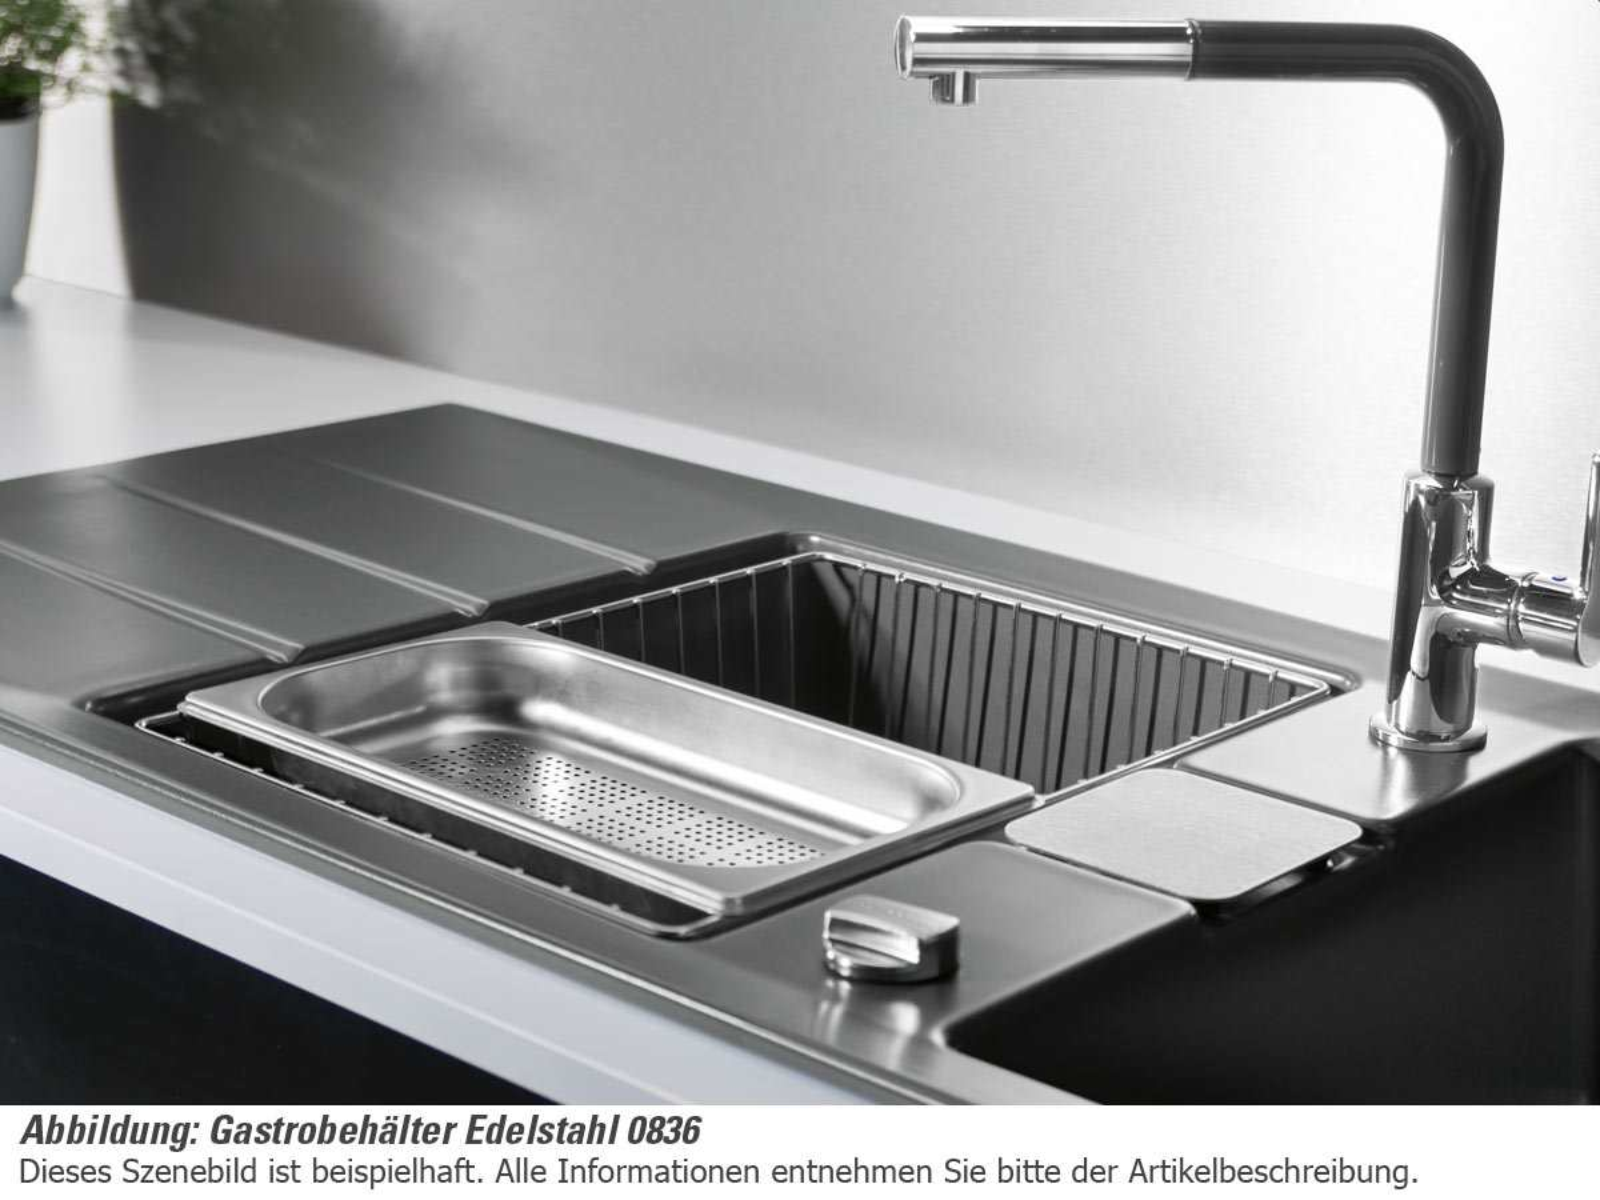 Systemceram Gastrobehälter Edelstahl 0836